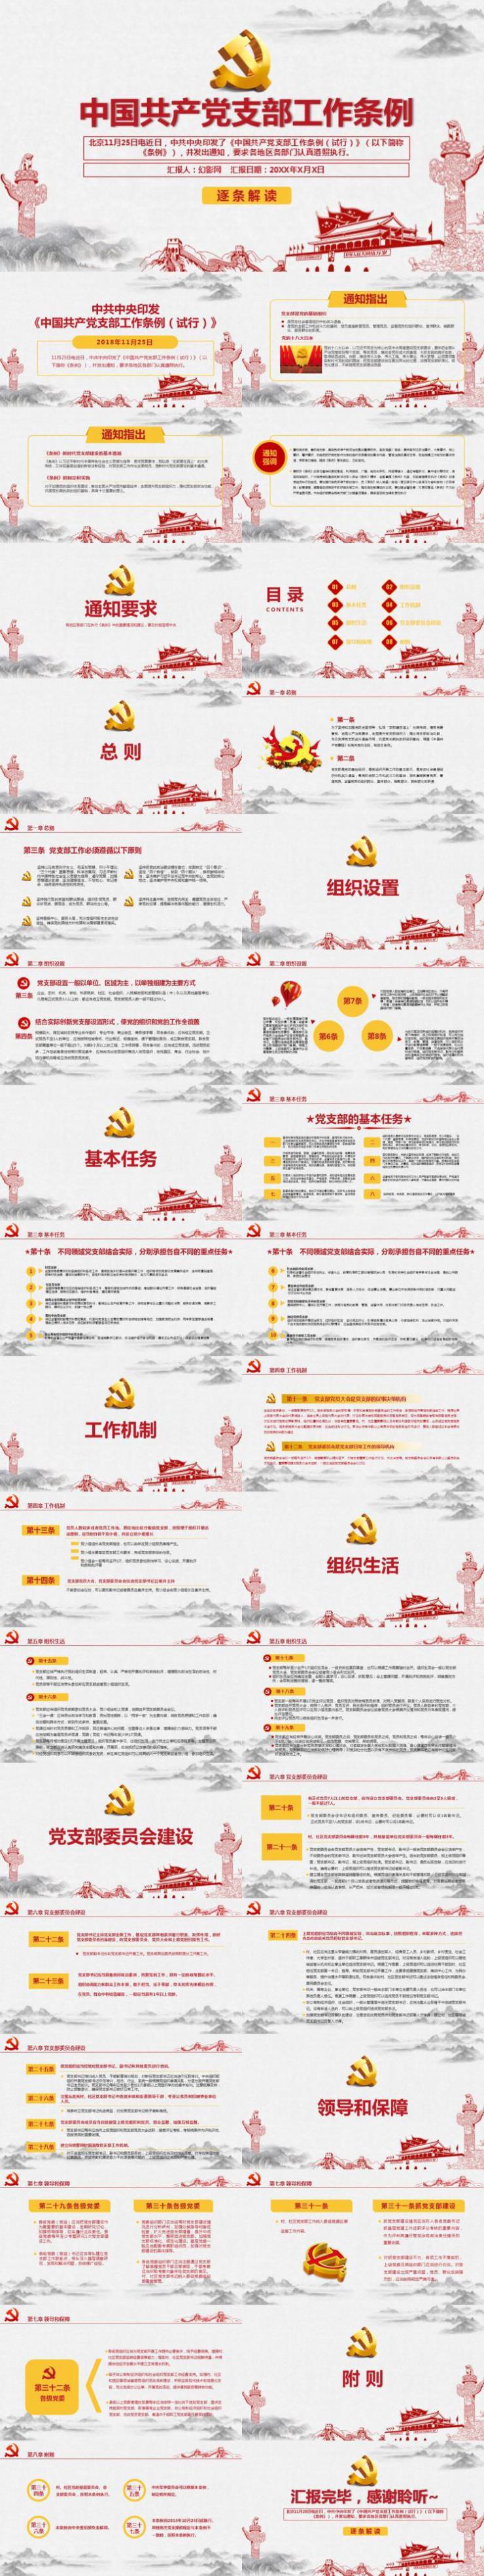 中国共产党学习解读支部工作条例